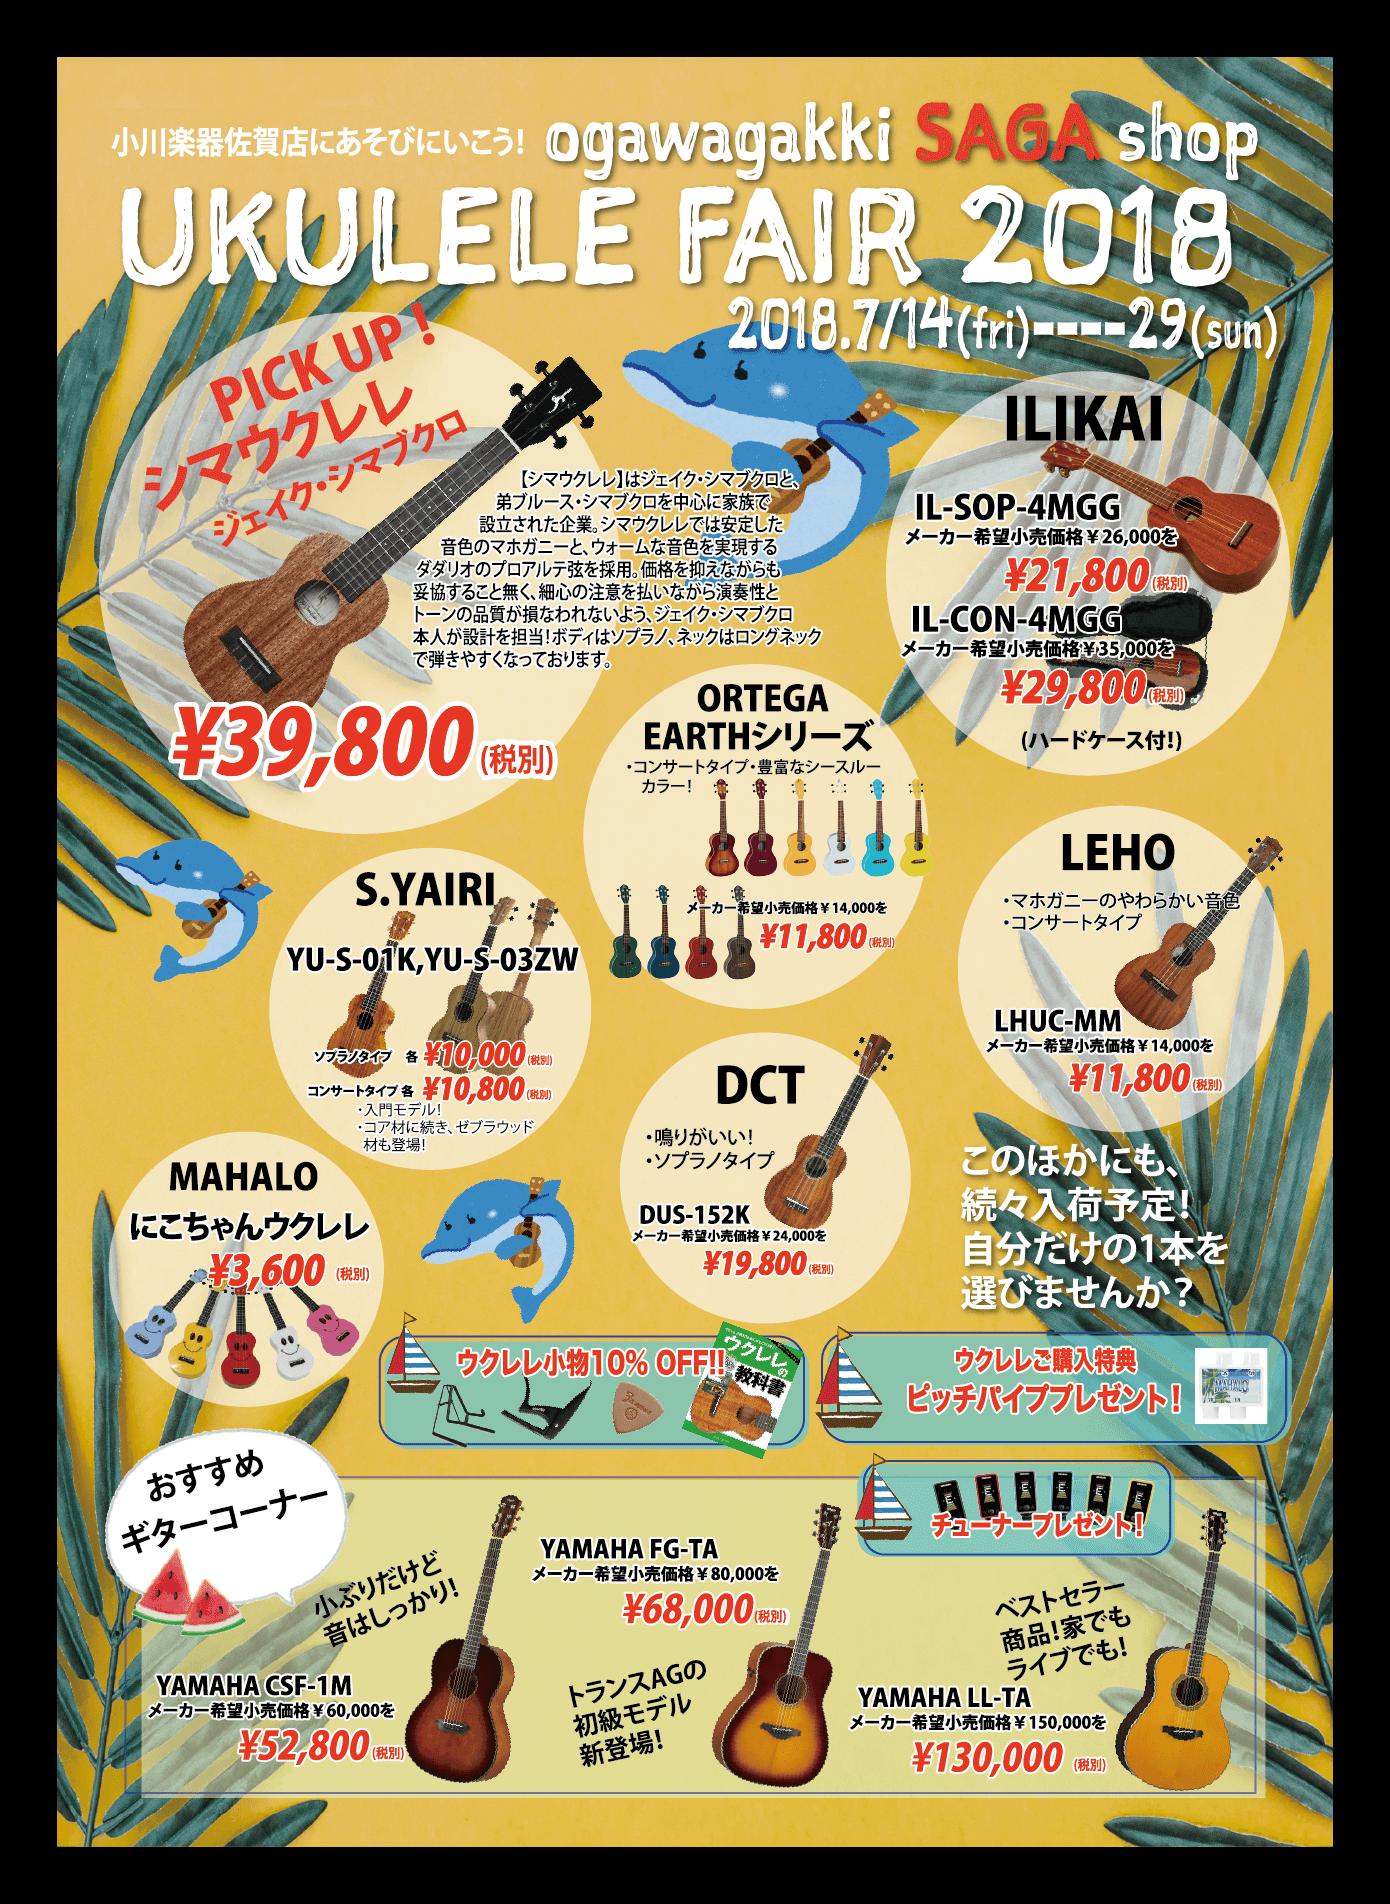 【セール・佐賀店】7/14(土)~29(日) ウクレレフェア開催!